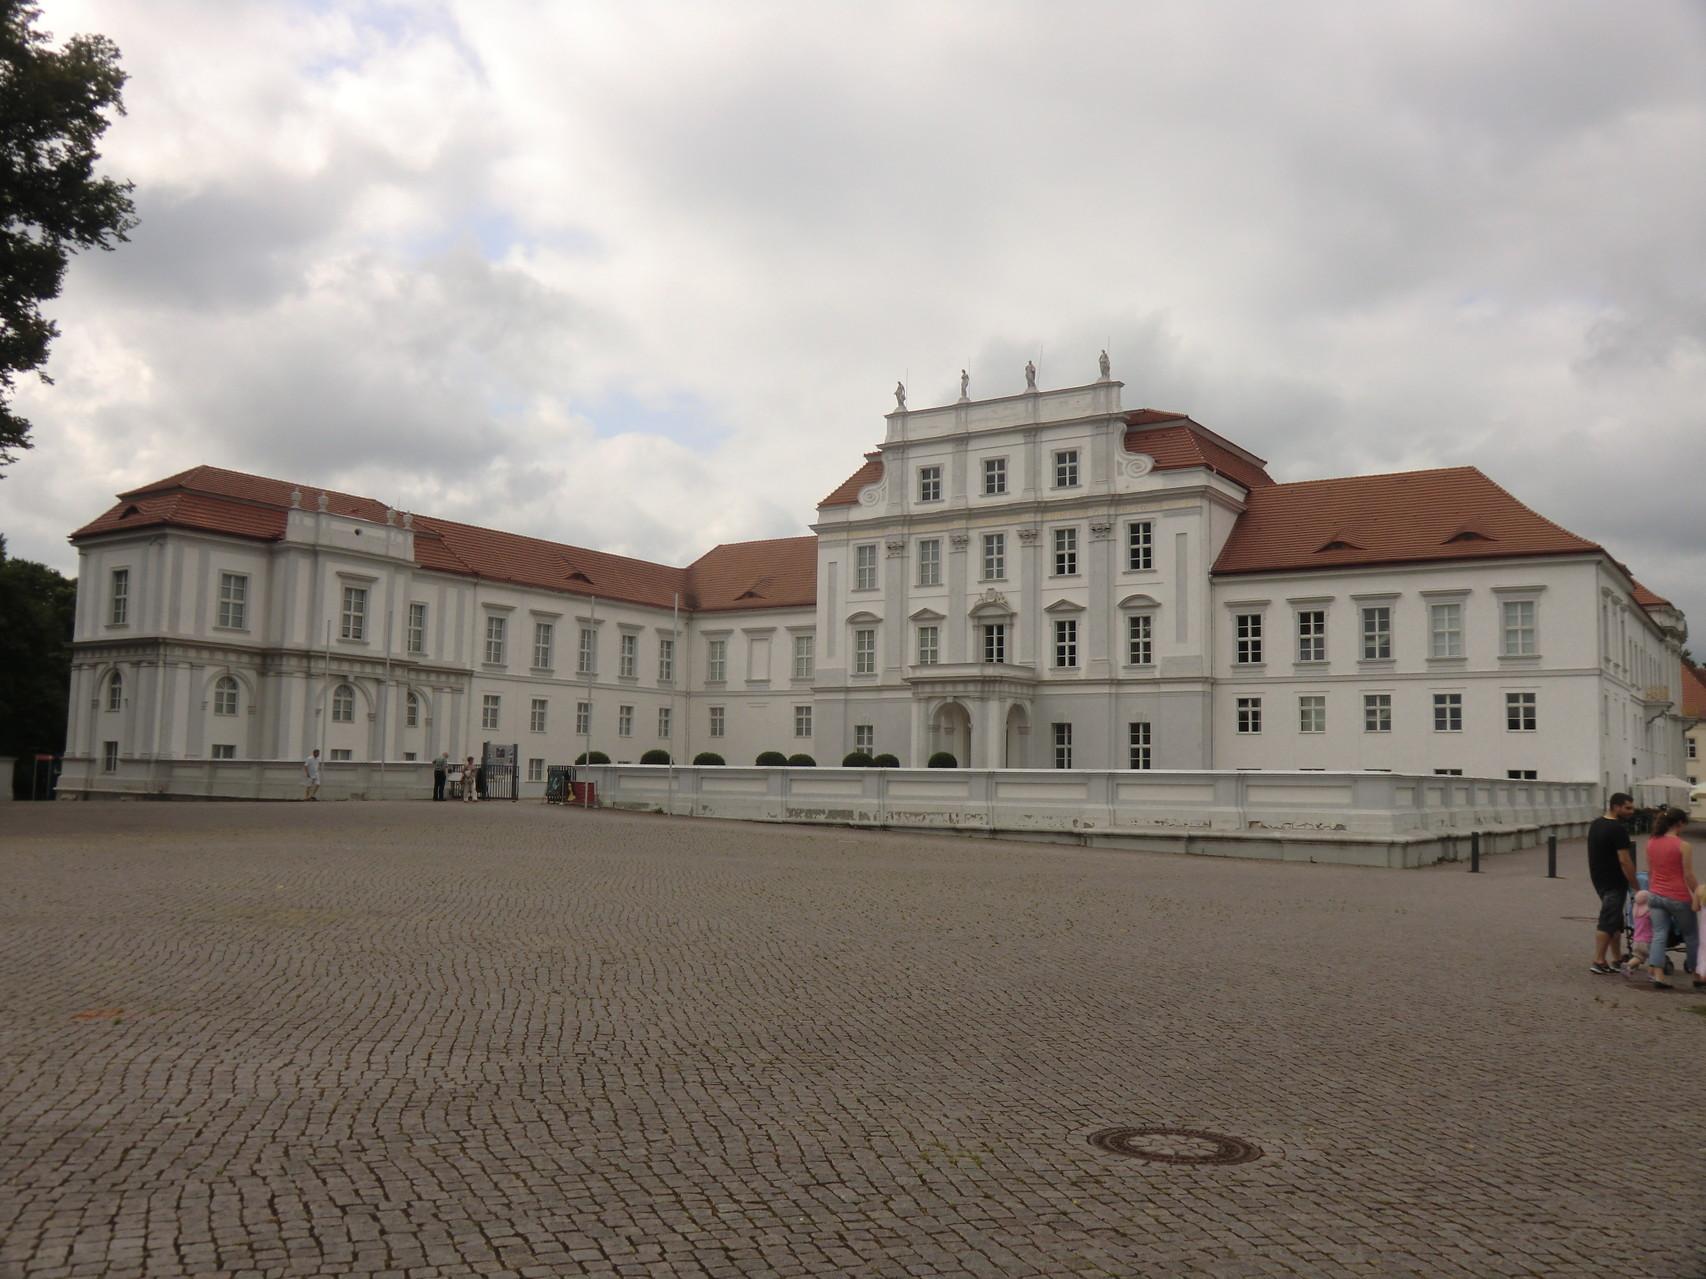 Schloß Oranienburg